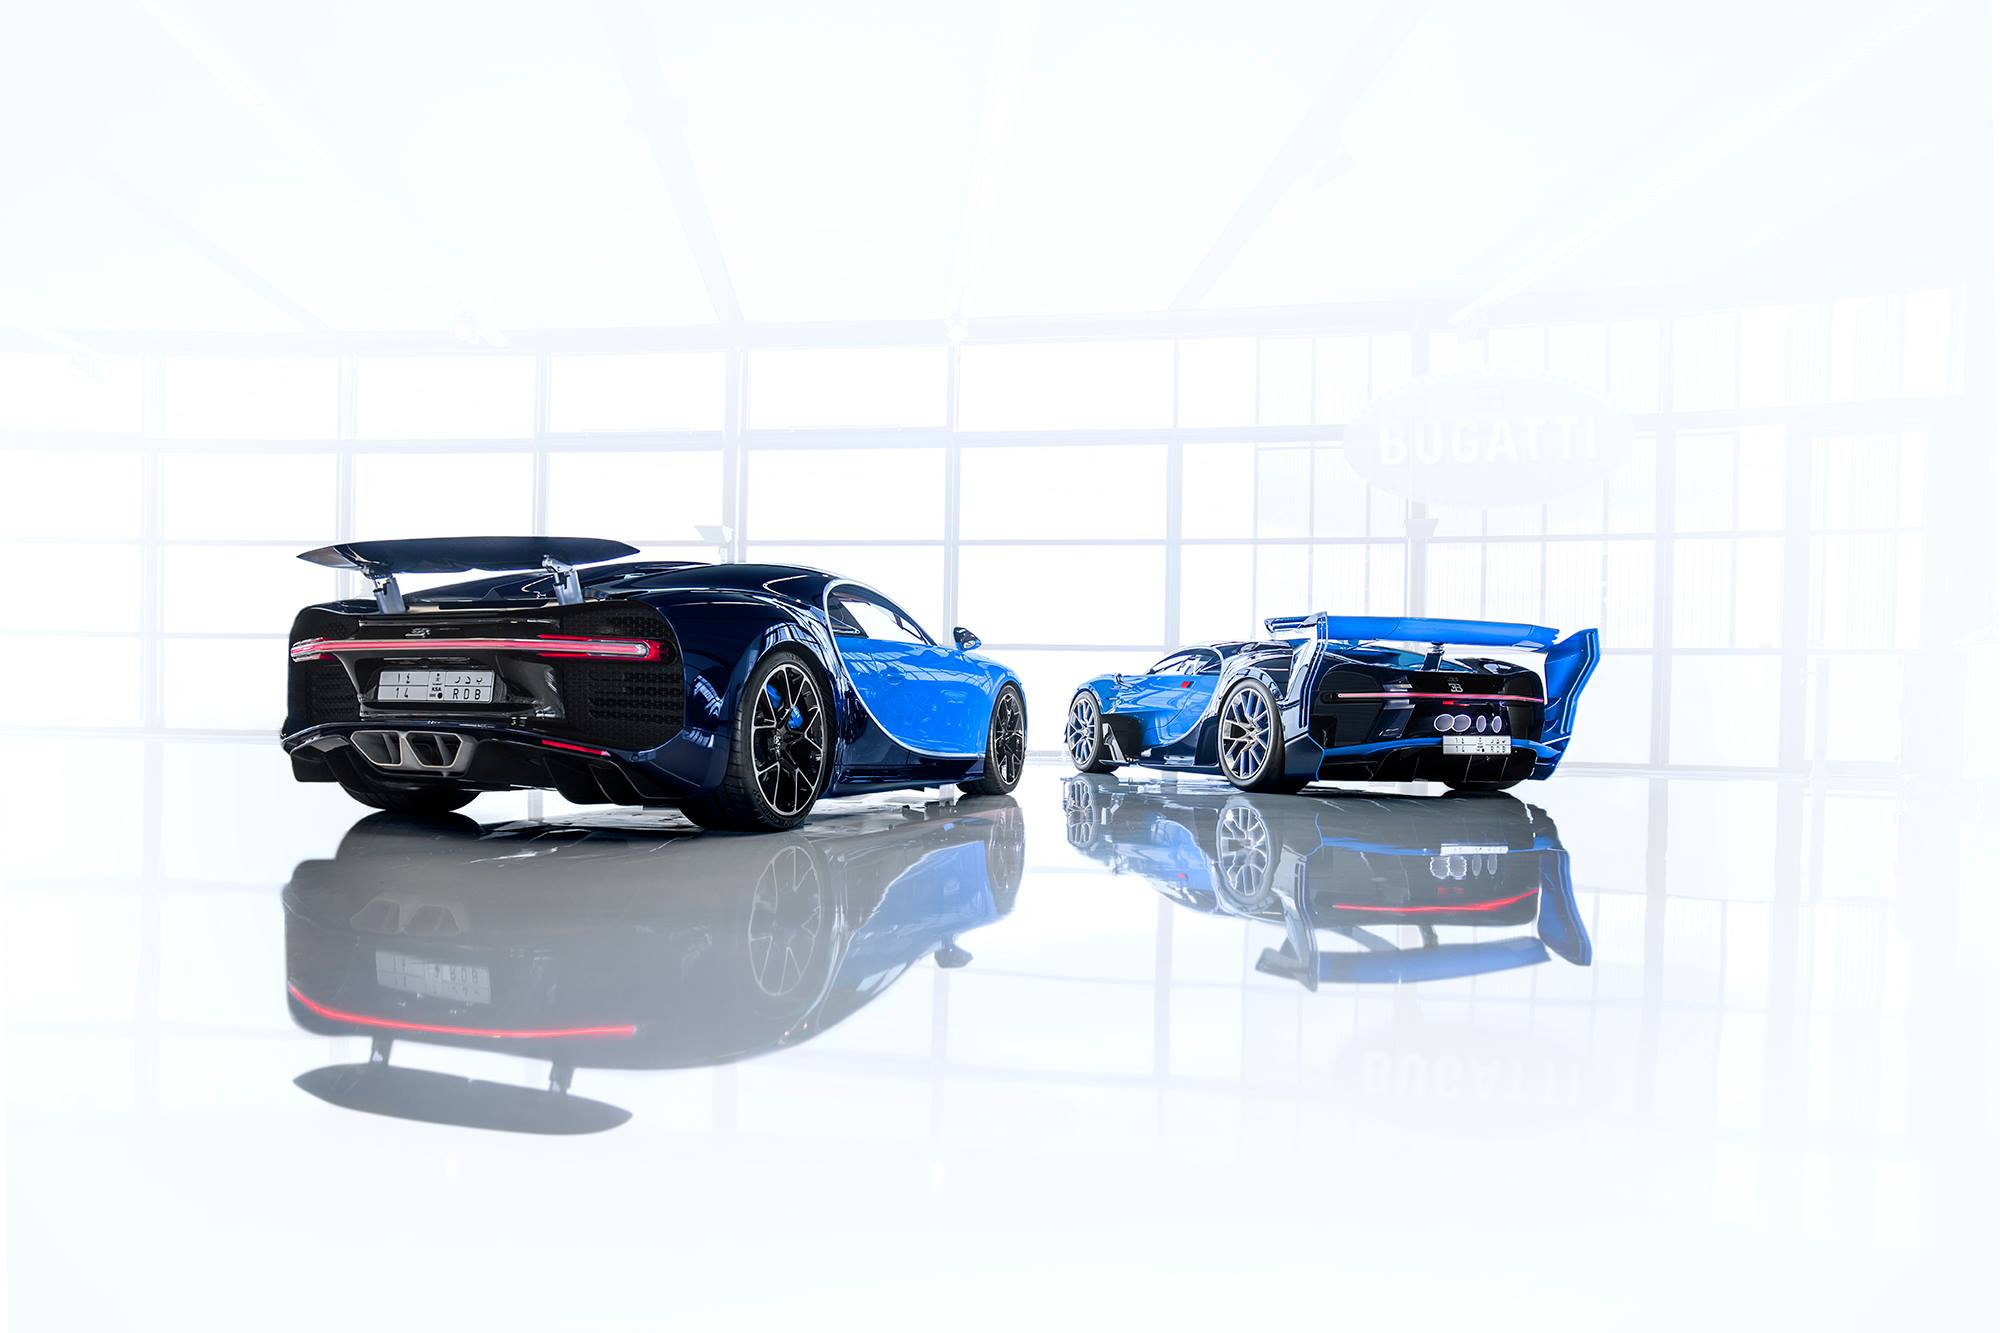 Bugatti Chiron - Bugatti Vision Gran Turismo Concept - Foto GFWilliams - Autovisie.nl